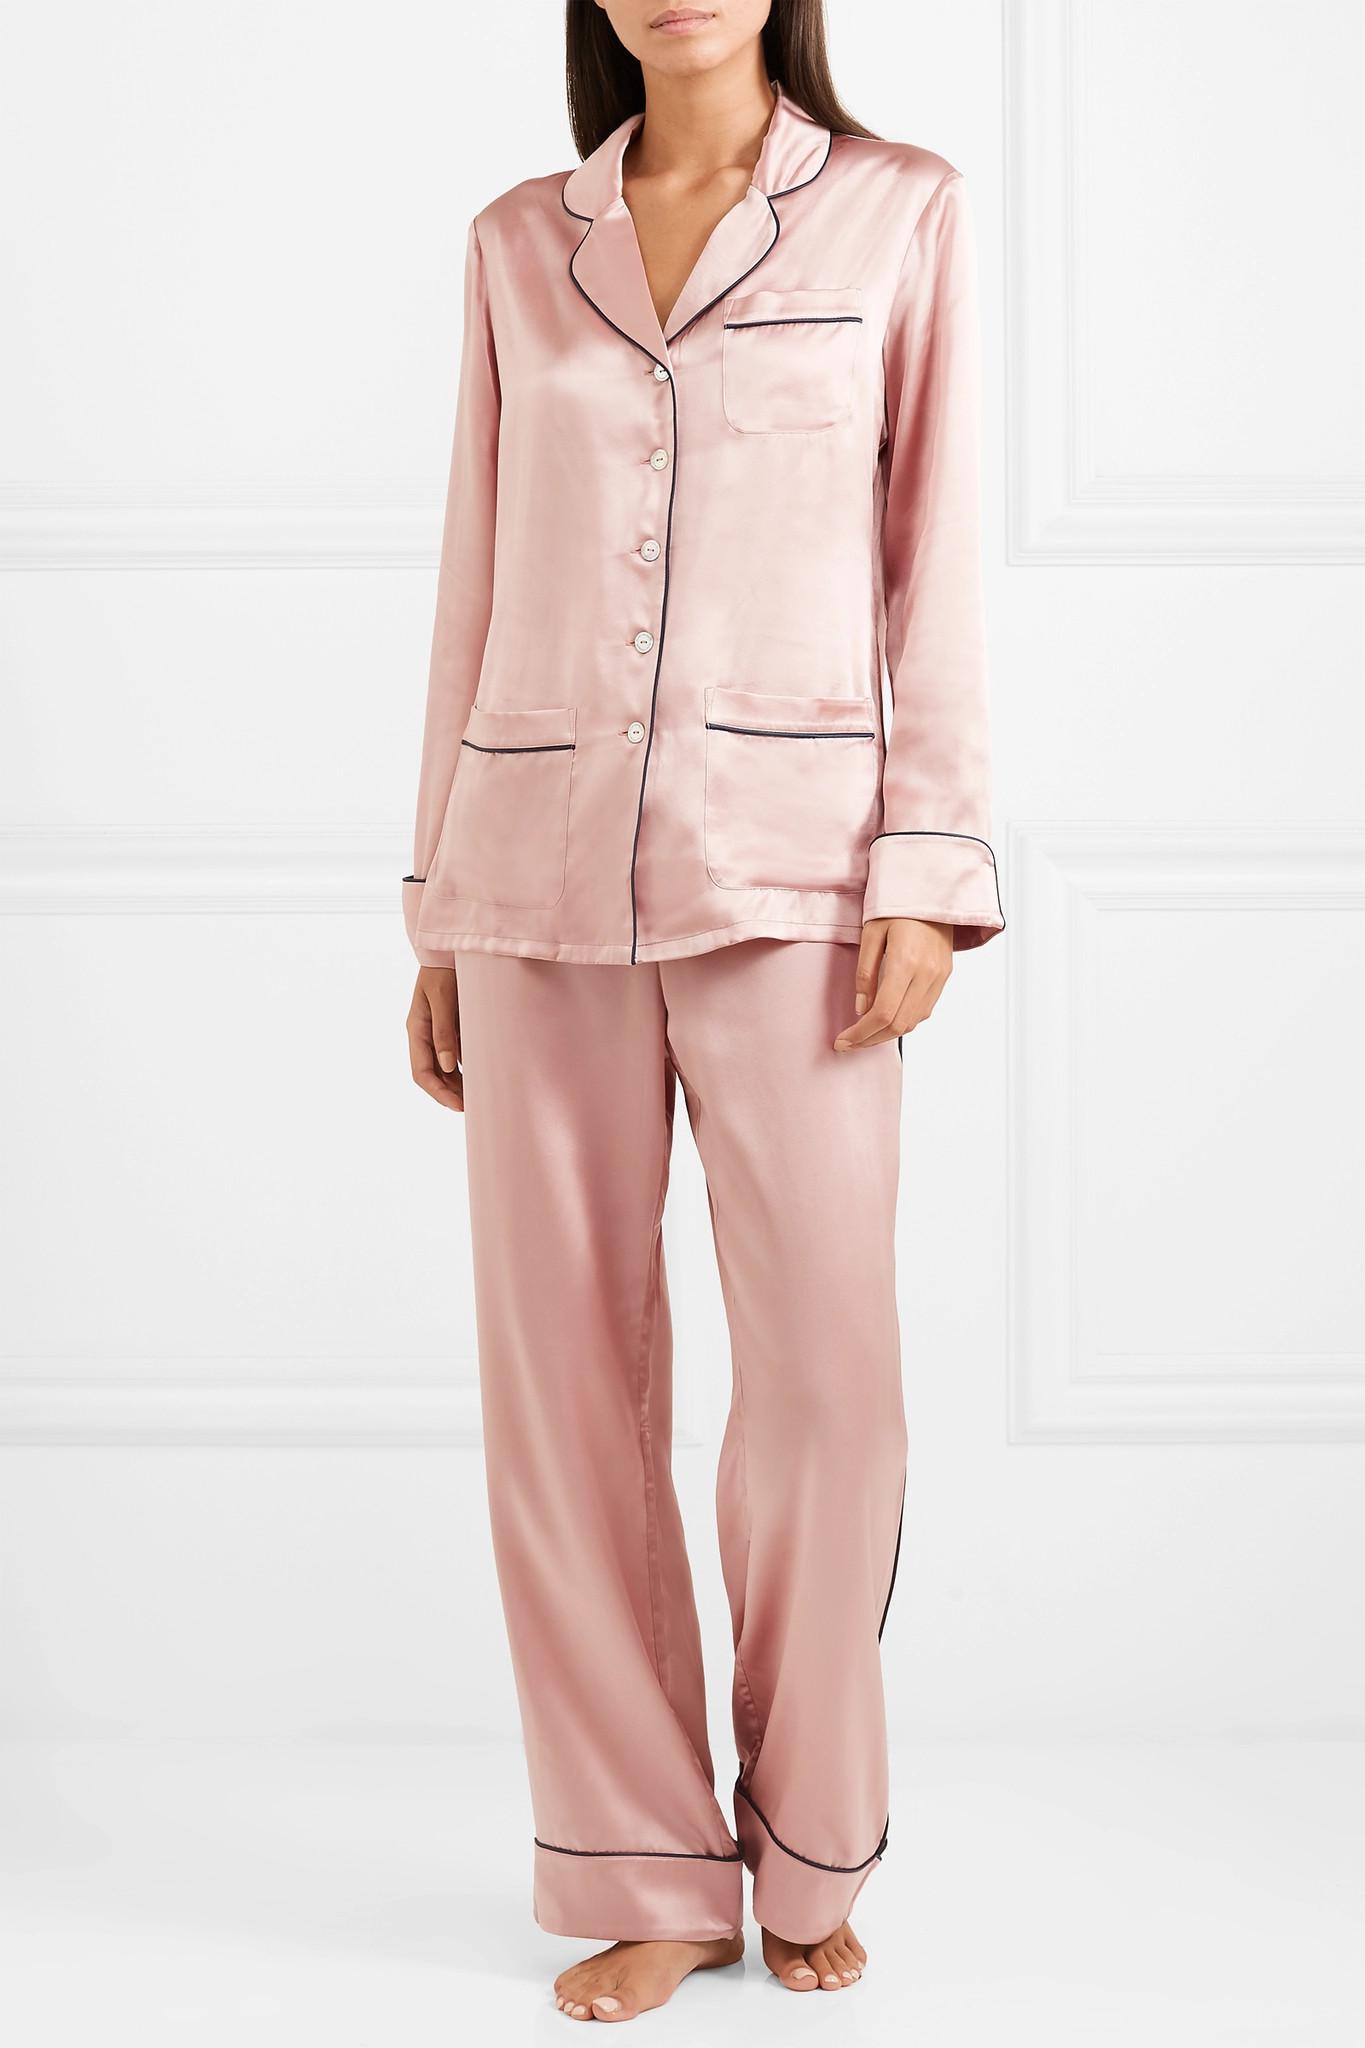 Lyst - Olivia Von Halle Coco Silk-satin Pajama Set in Pink 87448abc3